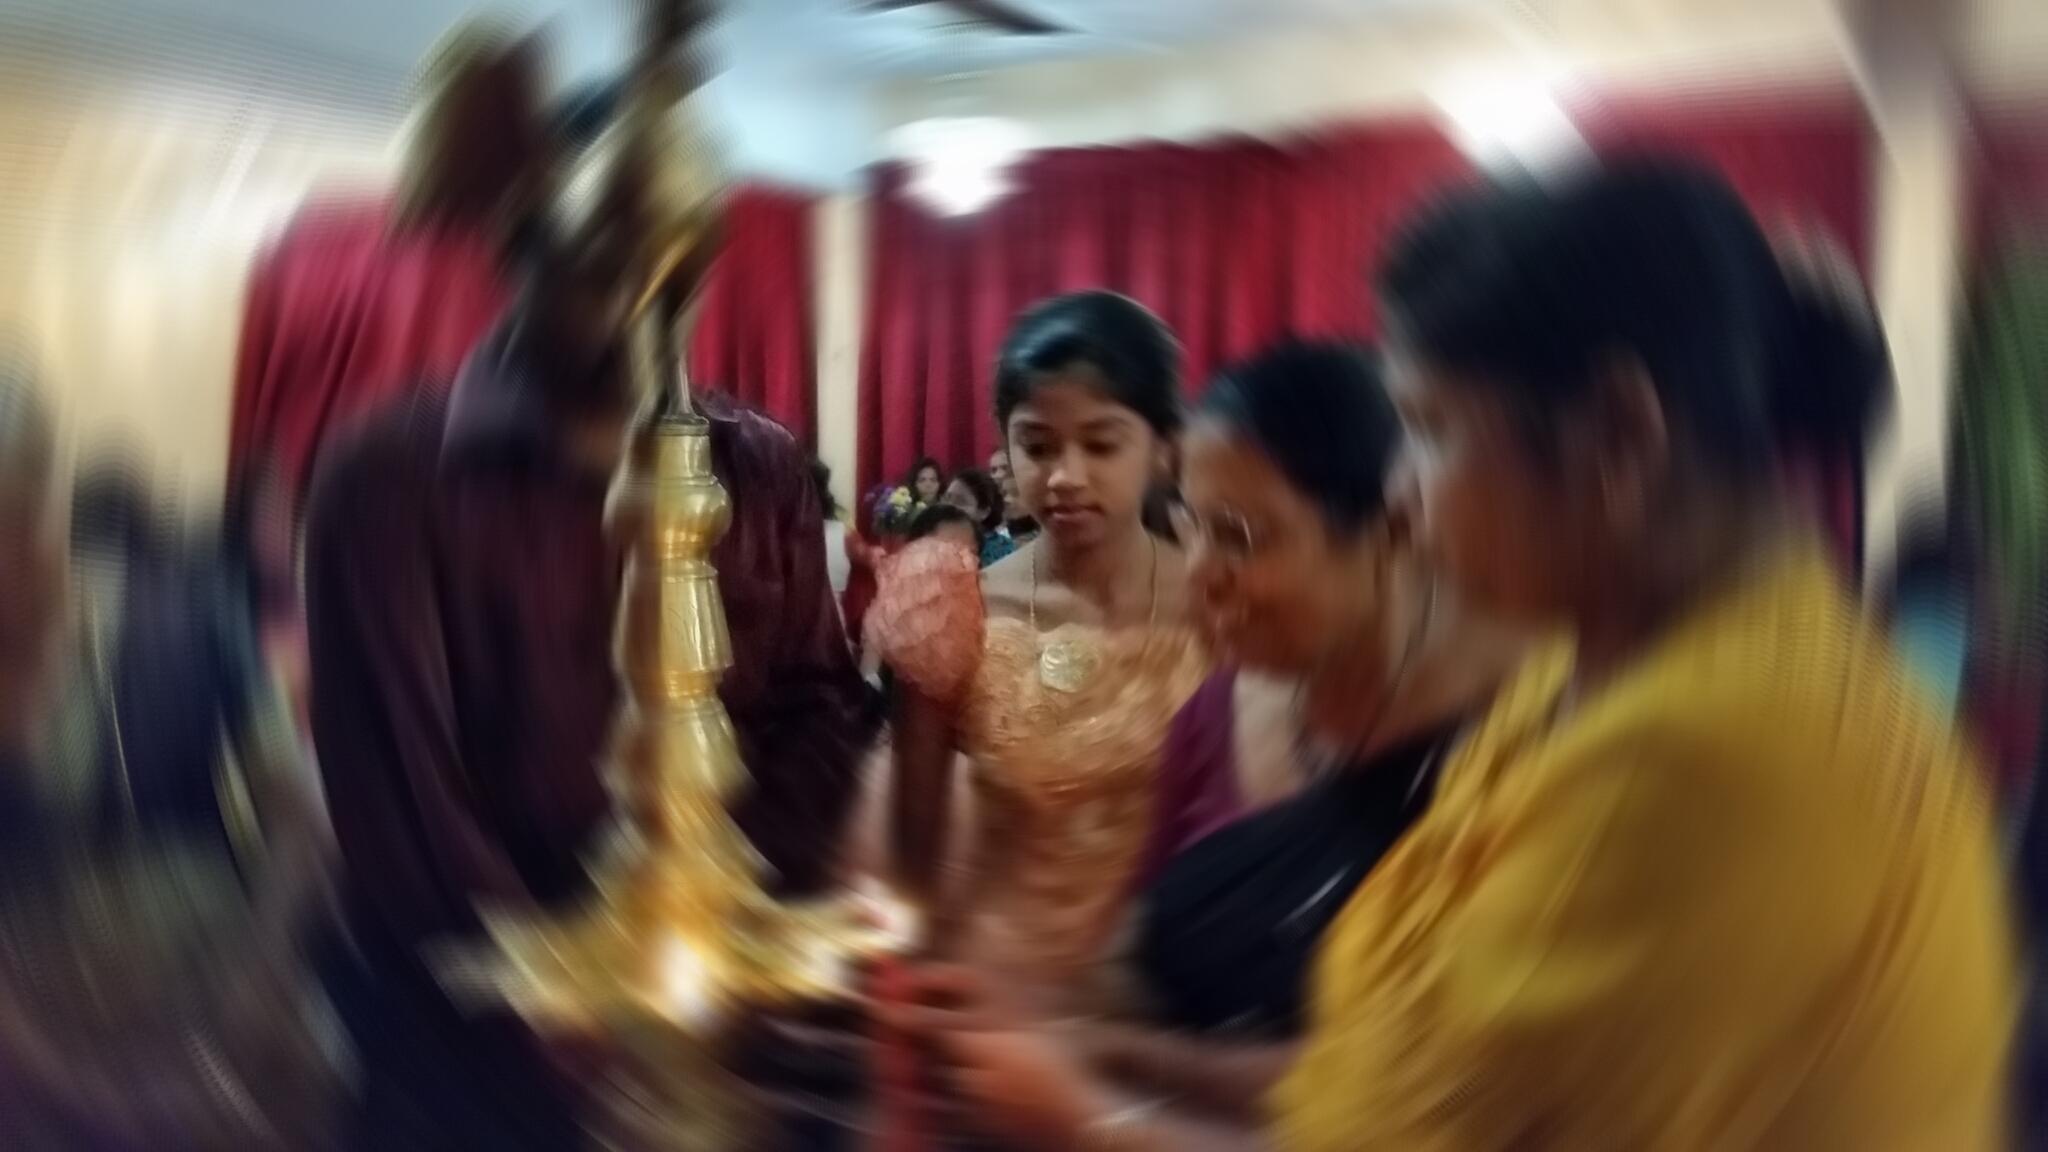 Les célébrations autour des premières menstruations varient selon les milieux socio-culturels au Sri Lanka.